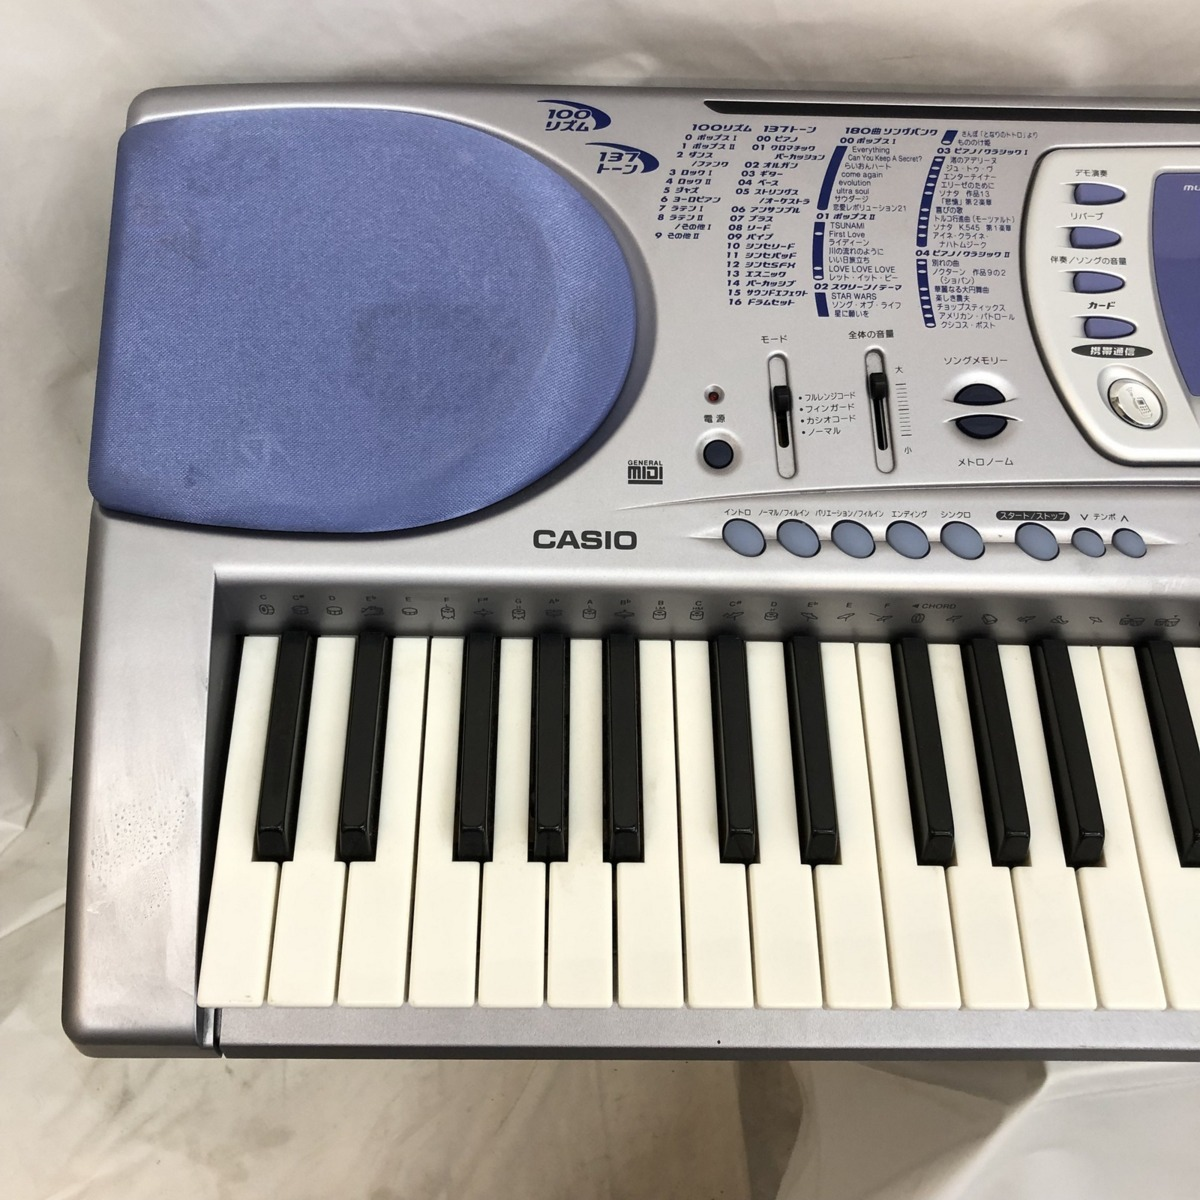 中古 CASIO カシオ 電子キーボード LK-250it 光ナビゲーション ケイタイリンク シルバー ブルー 電子ピアノ 鍵盤楽器 アダプター付 H15354_画像2